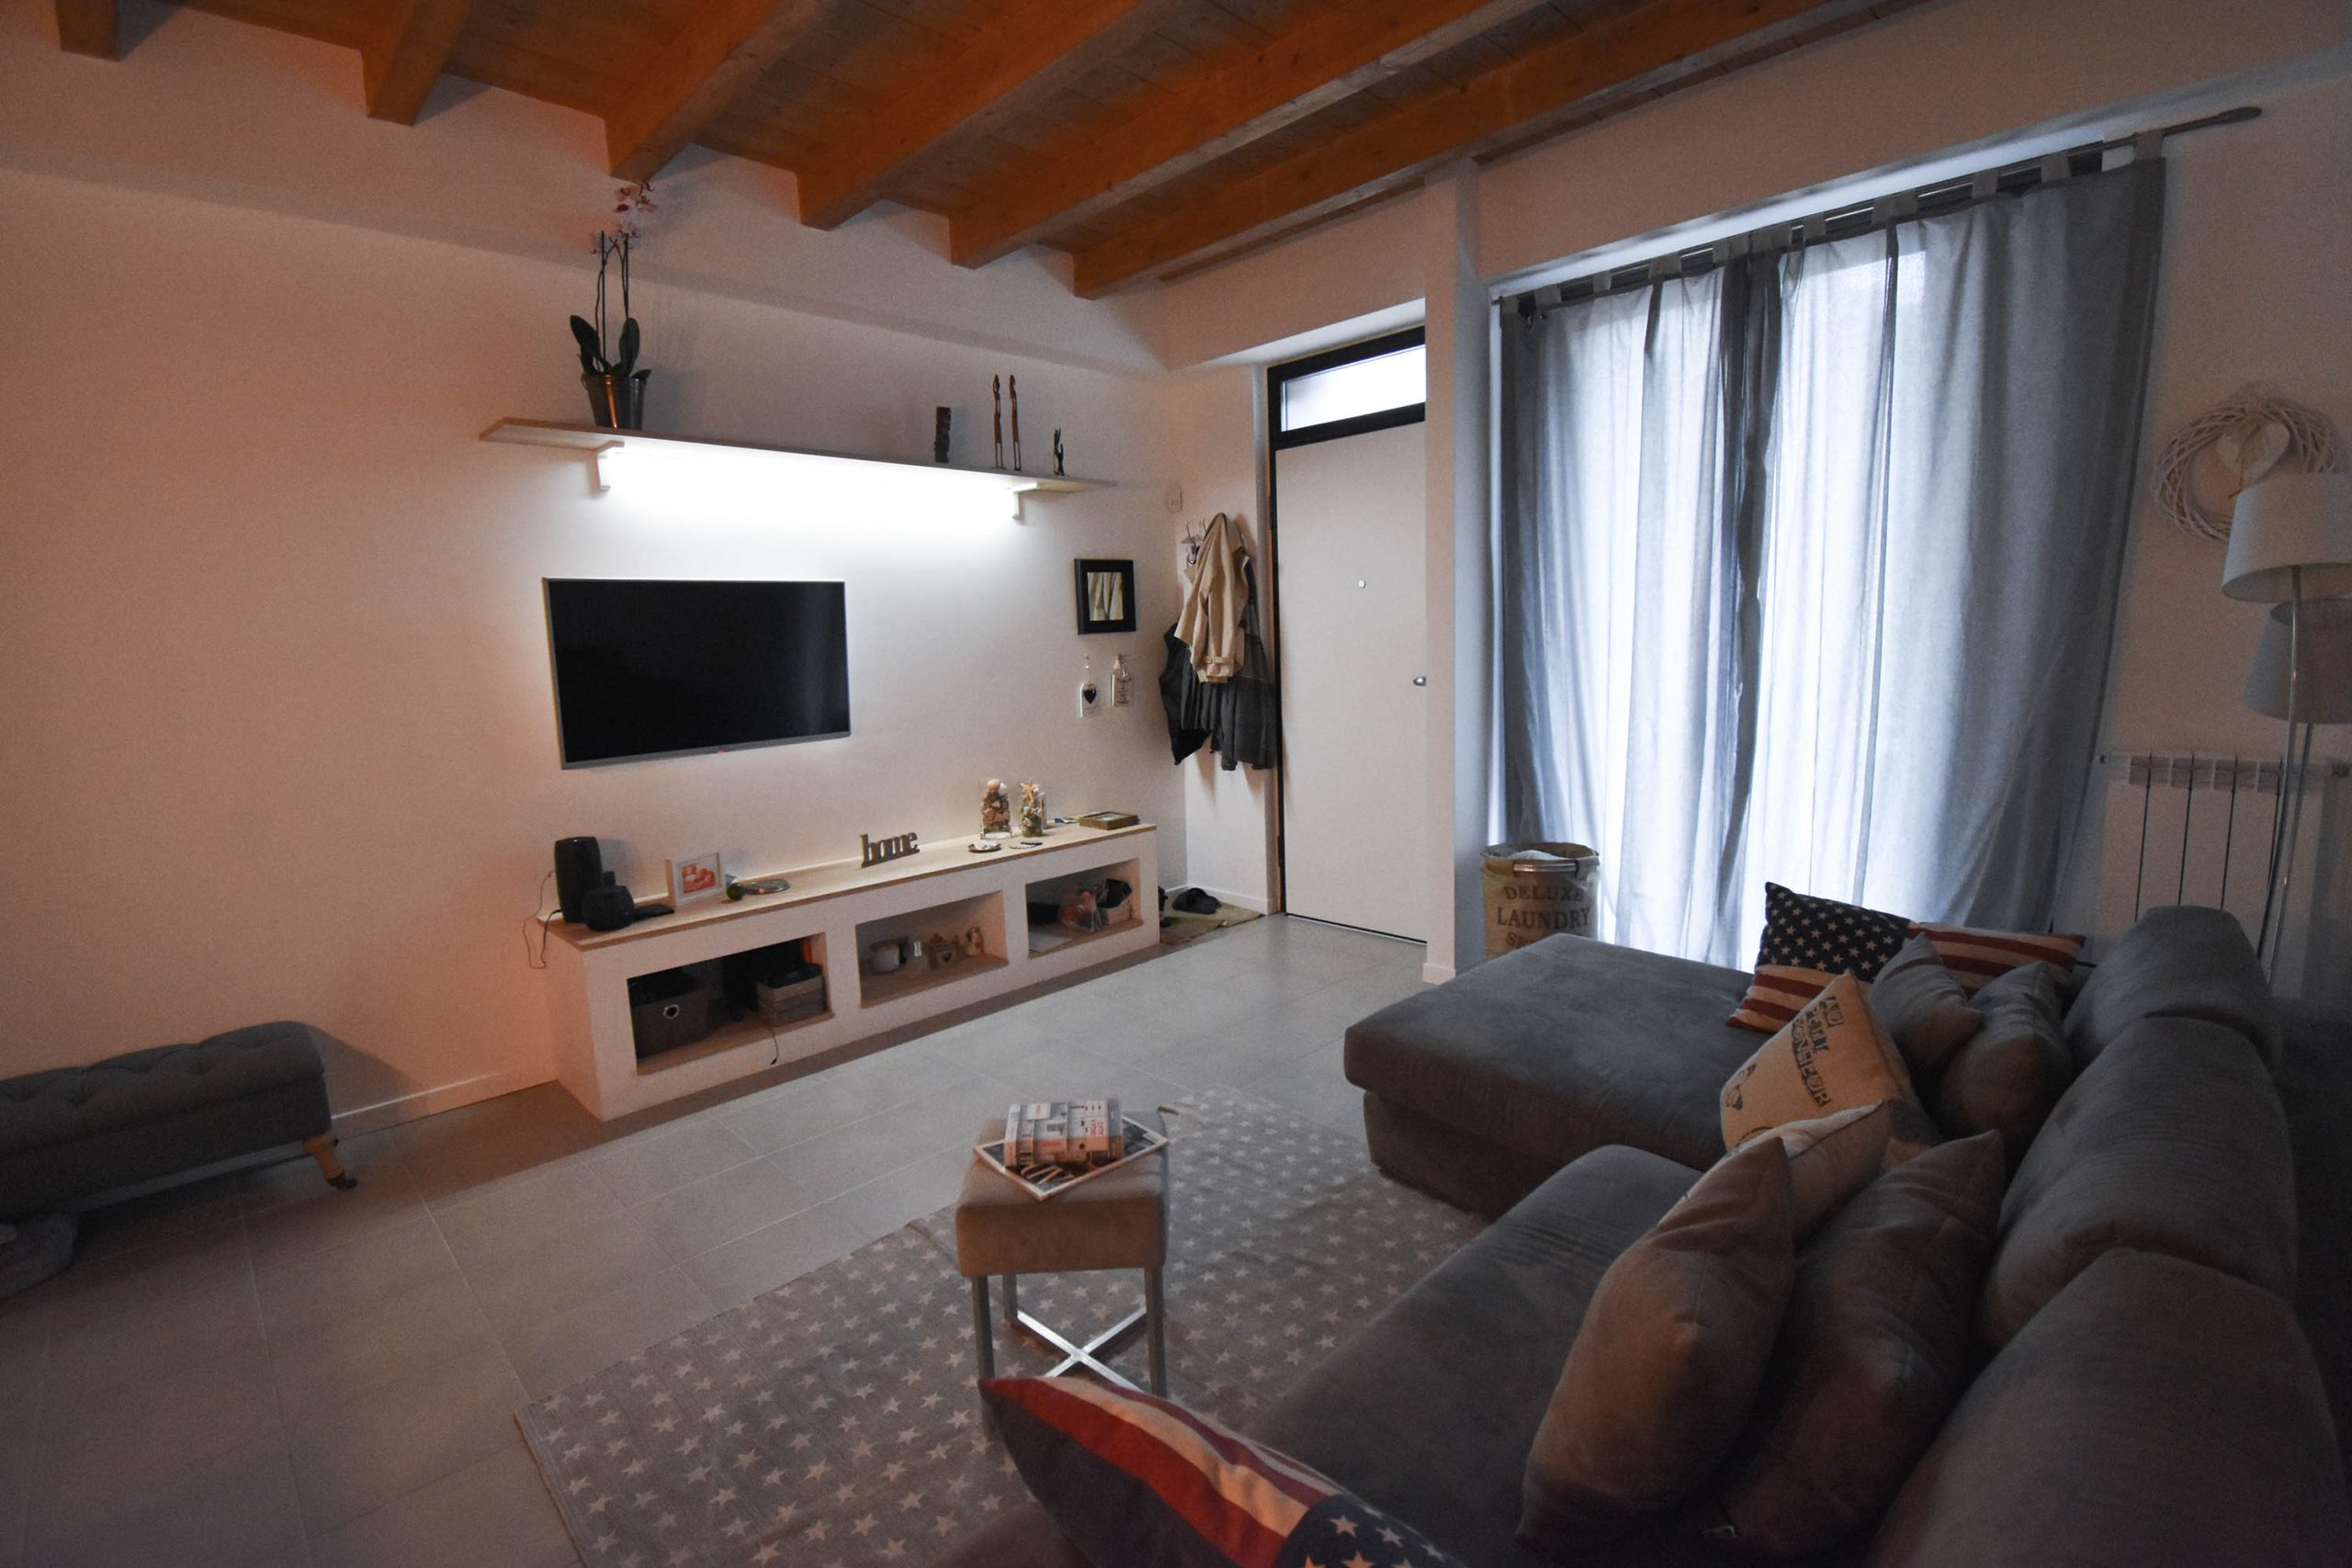 casa EM scandivano stile interior design (10)